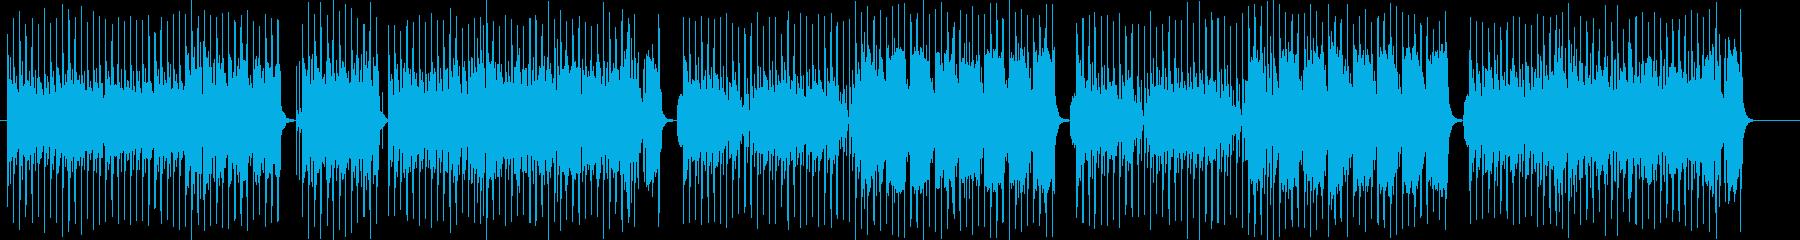 情熱的な吹奏楽シンセサンバ風ポップの再生済みの波形